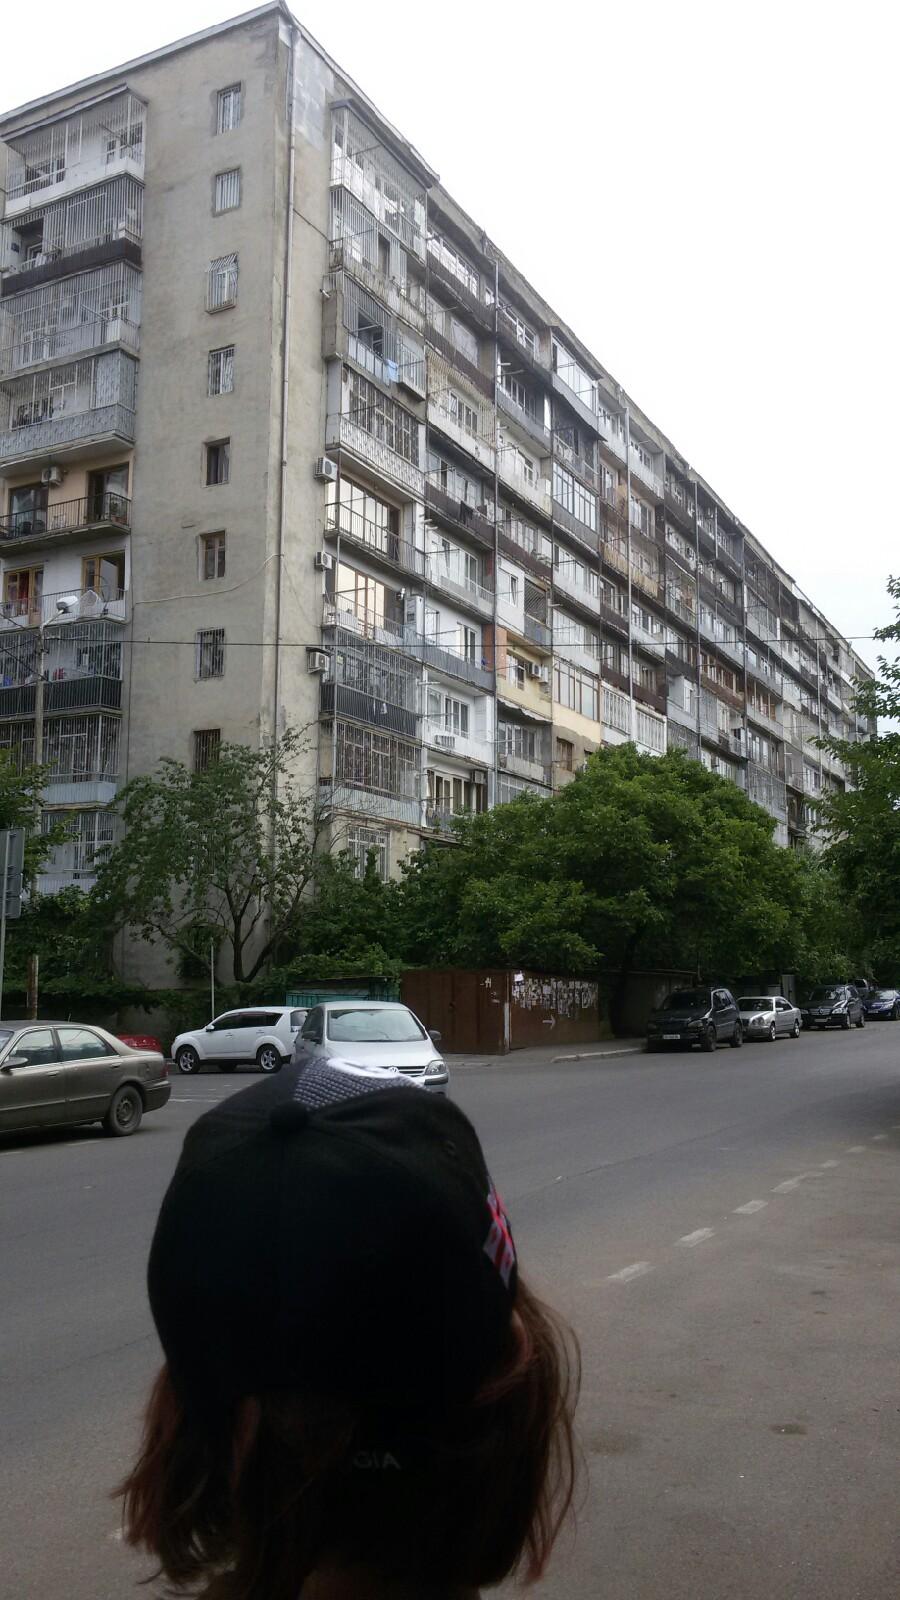 Роён Ваке. Считается илитарным в Тбилиси. Я бы сказал илитарный где то на треть, развивающийся.